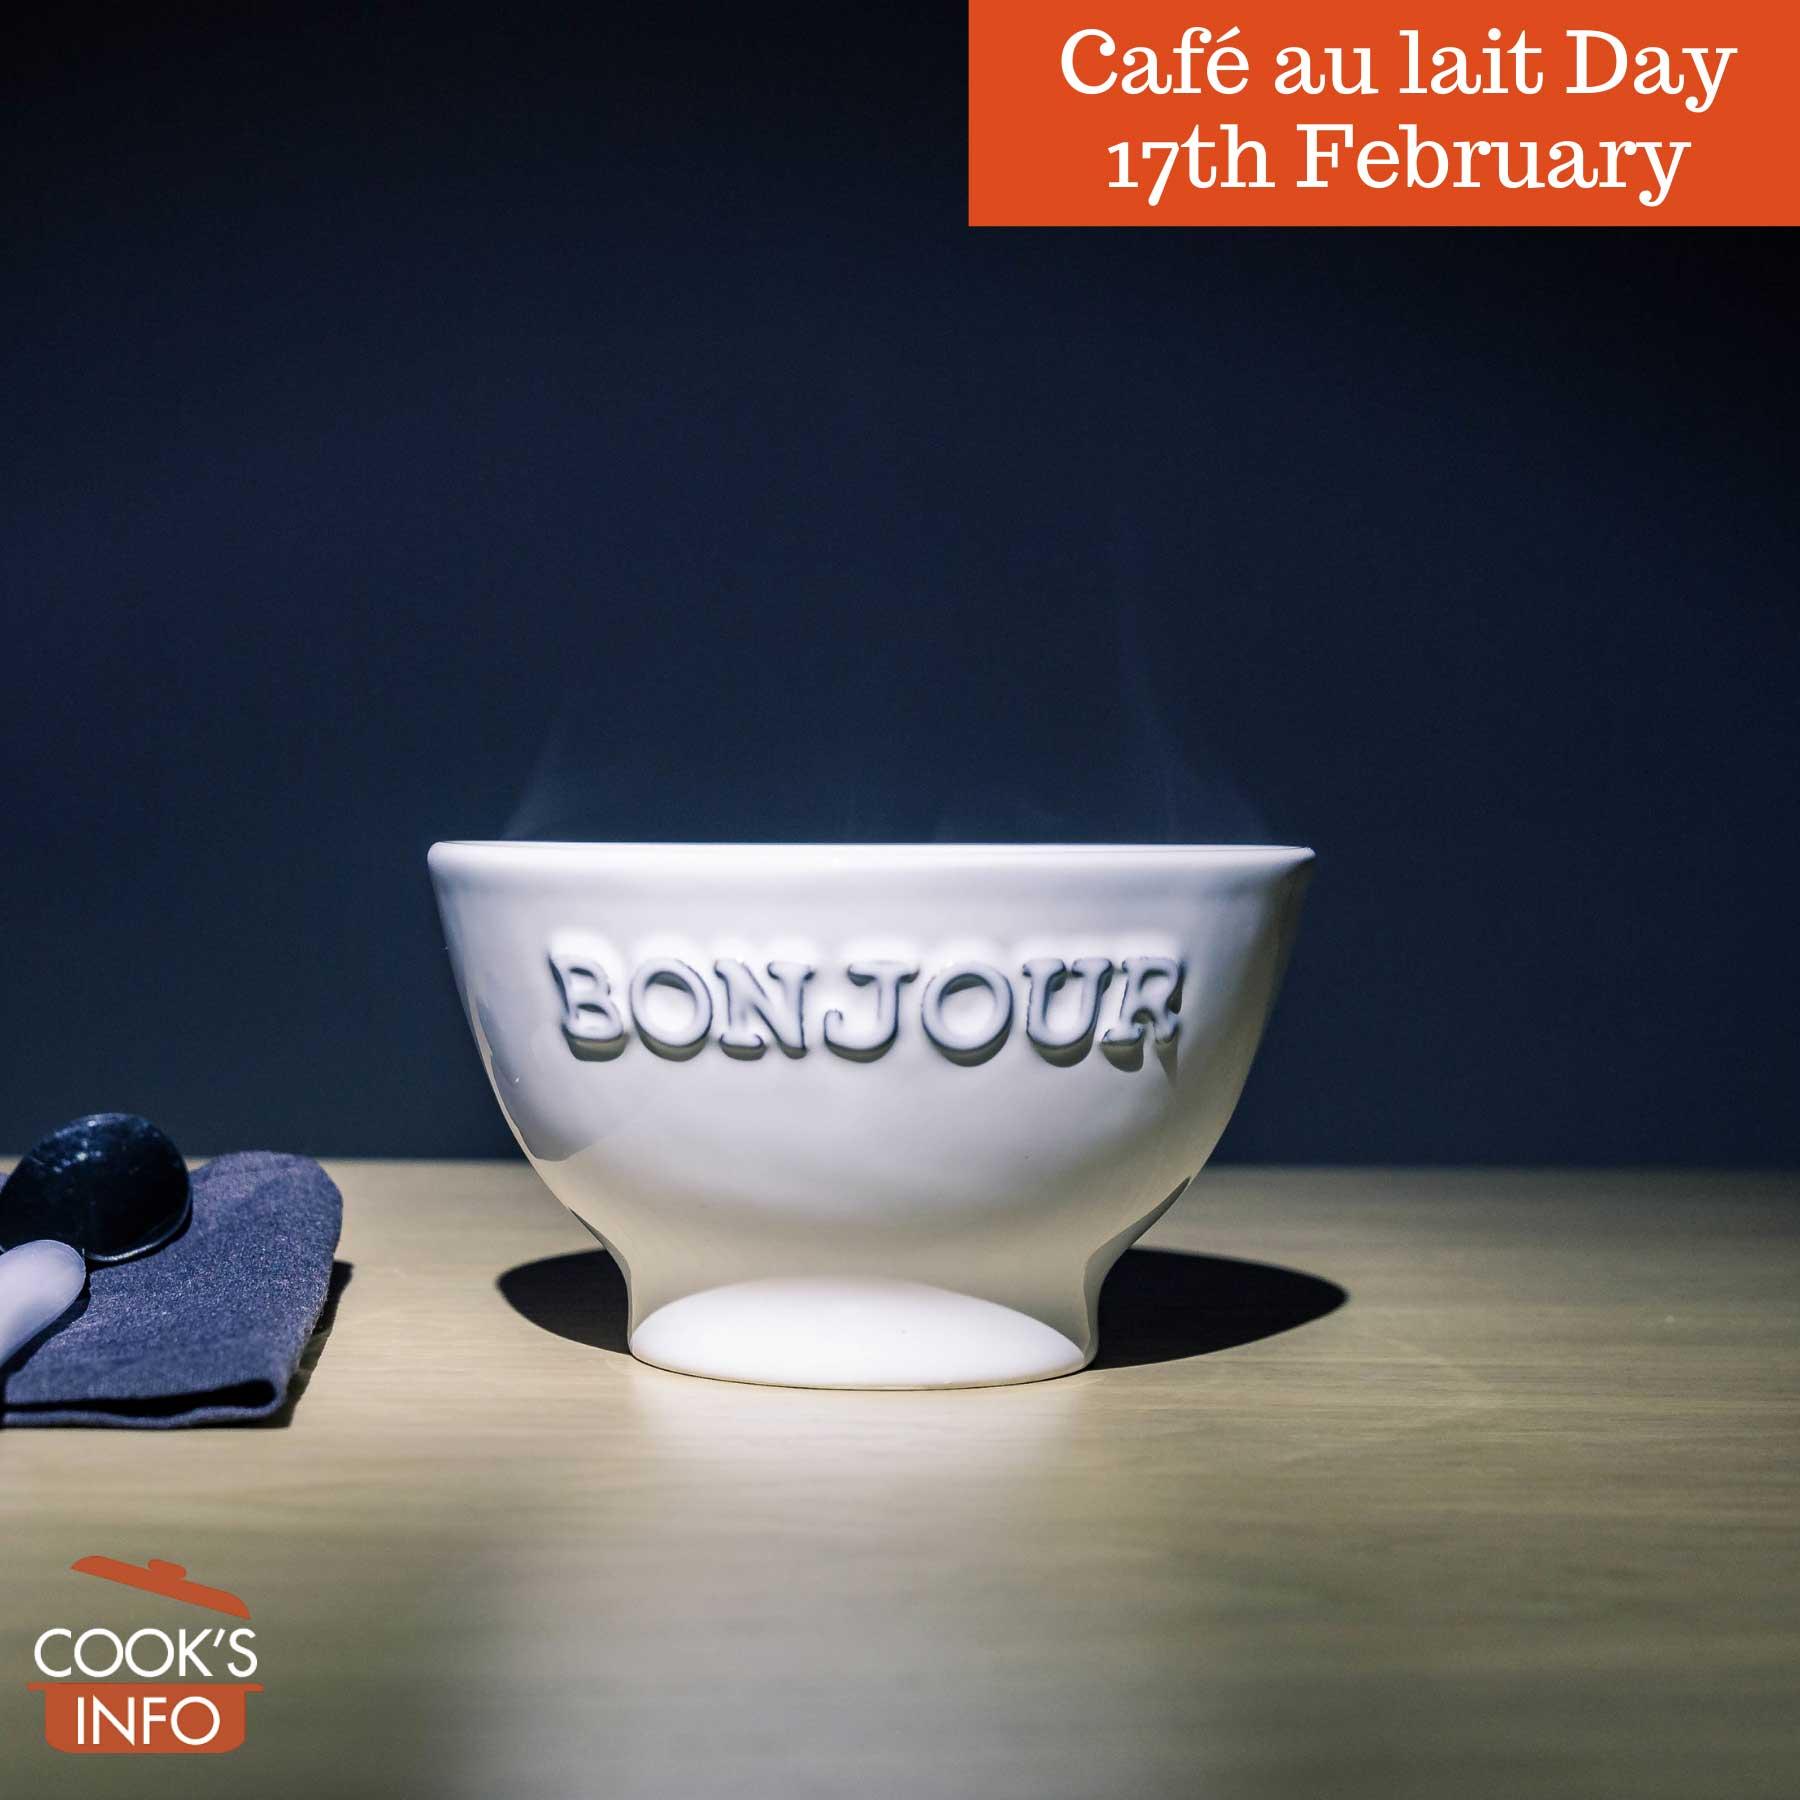 Bowl of café au lait